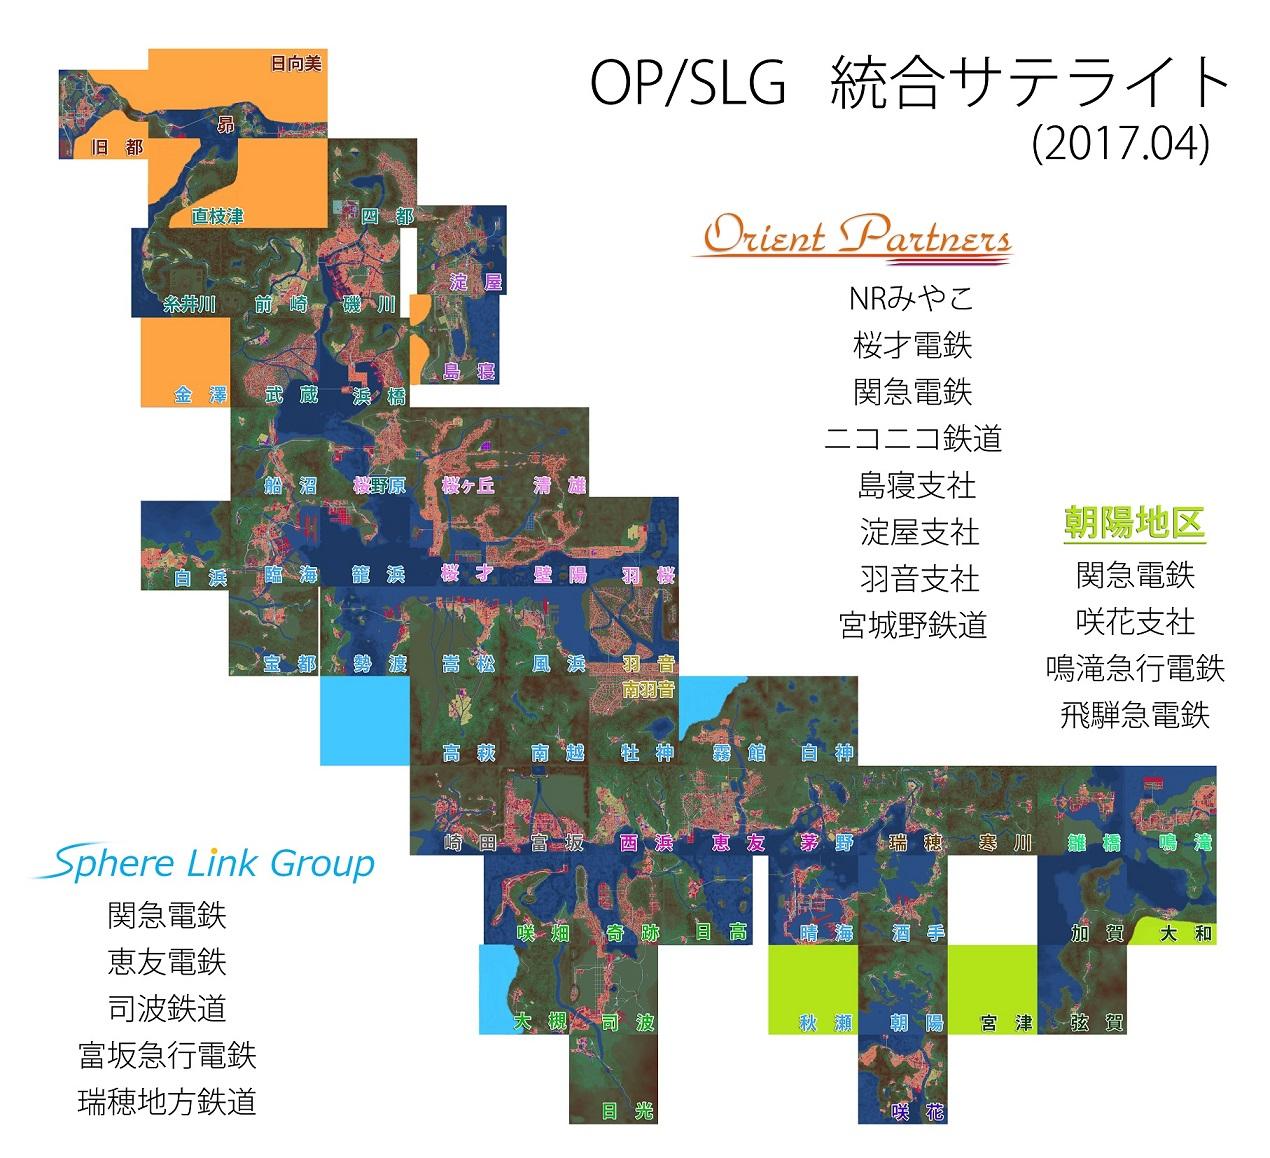 北オリパスフィア広域サテライト縮小 (2017-04).jpg